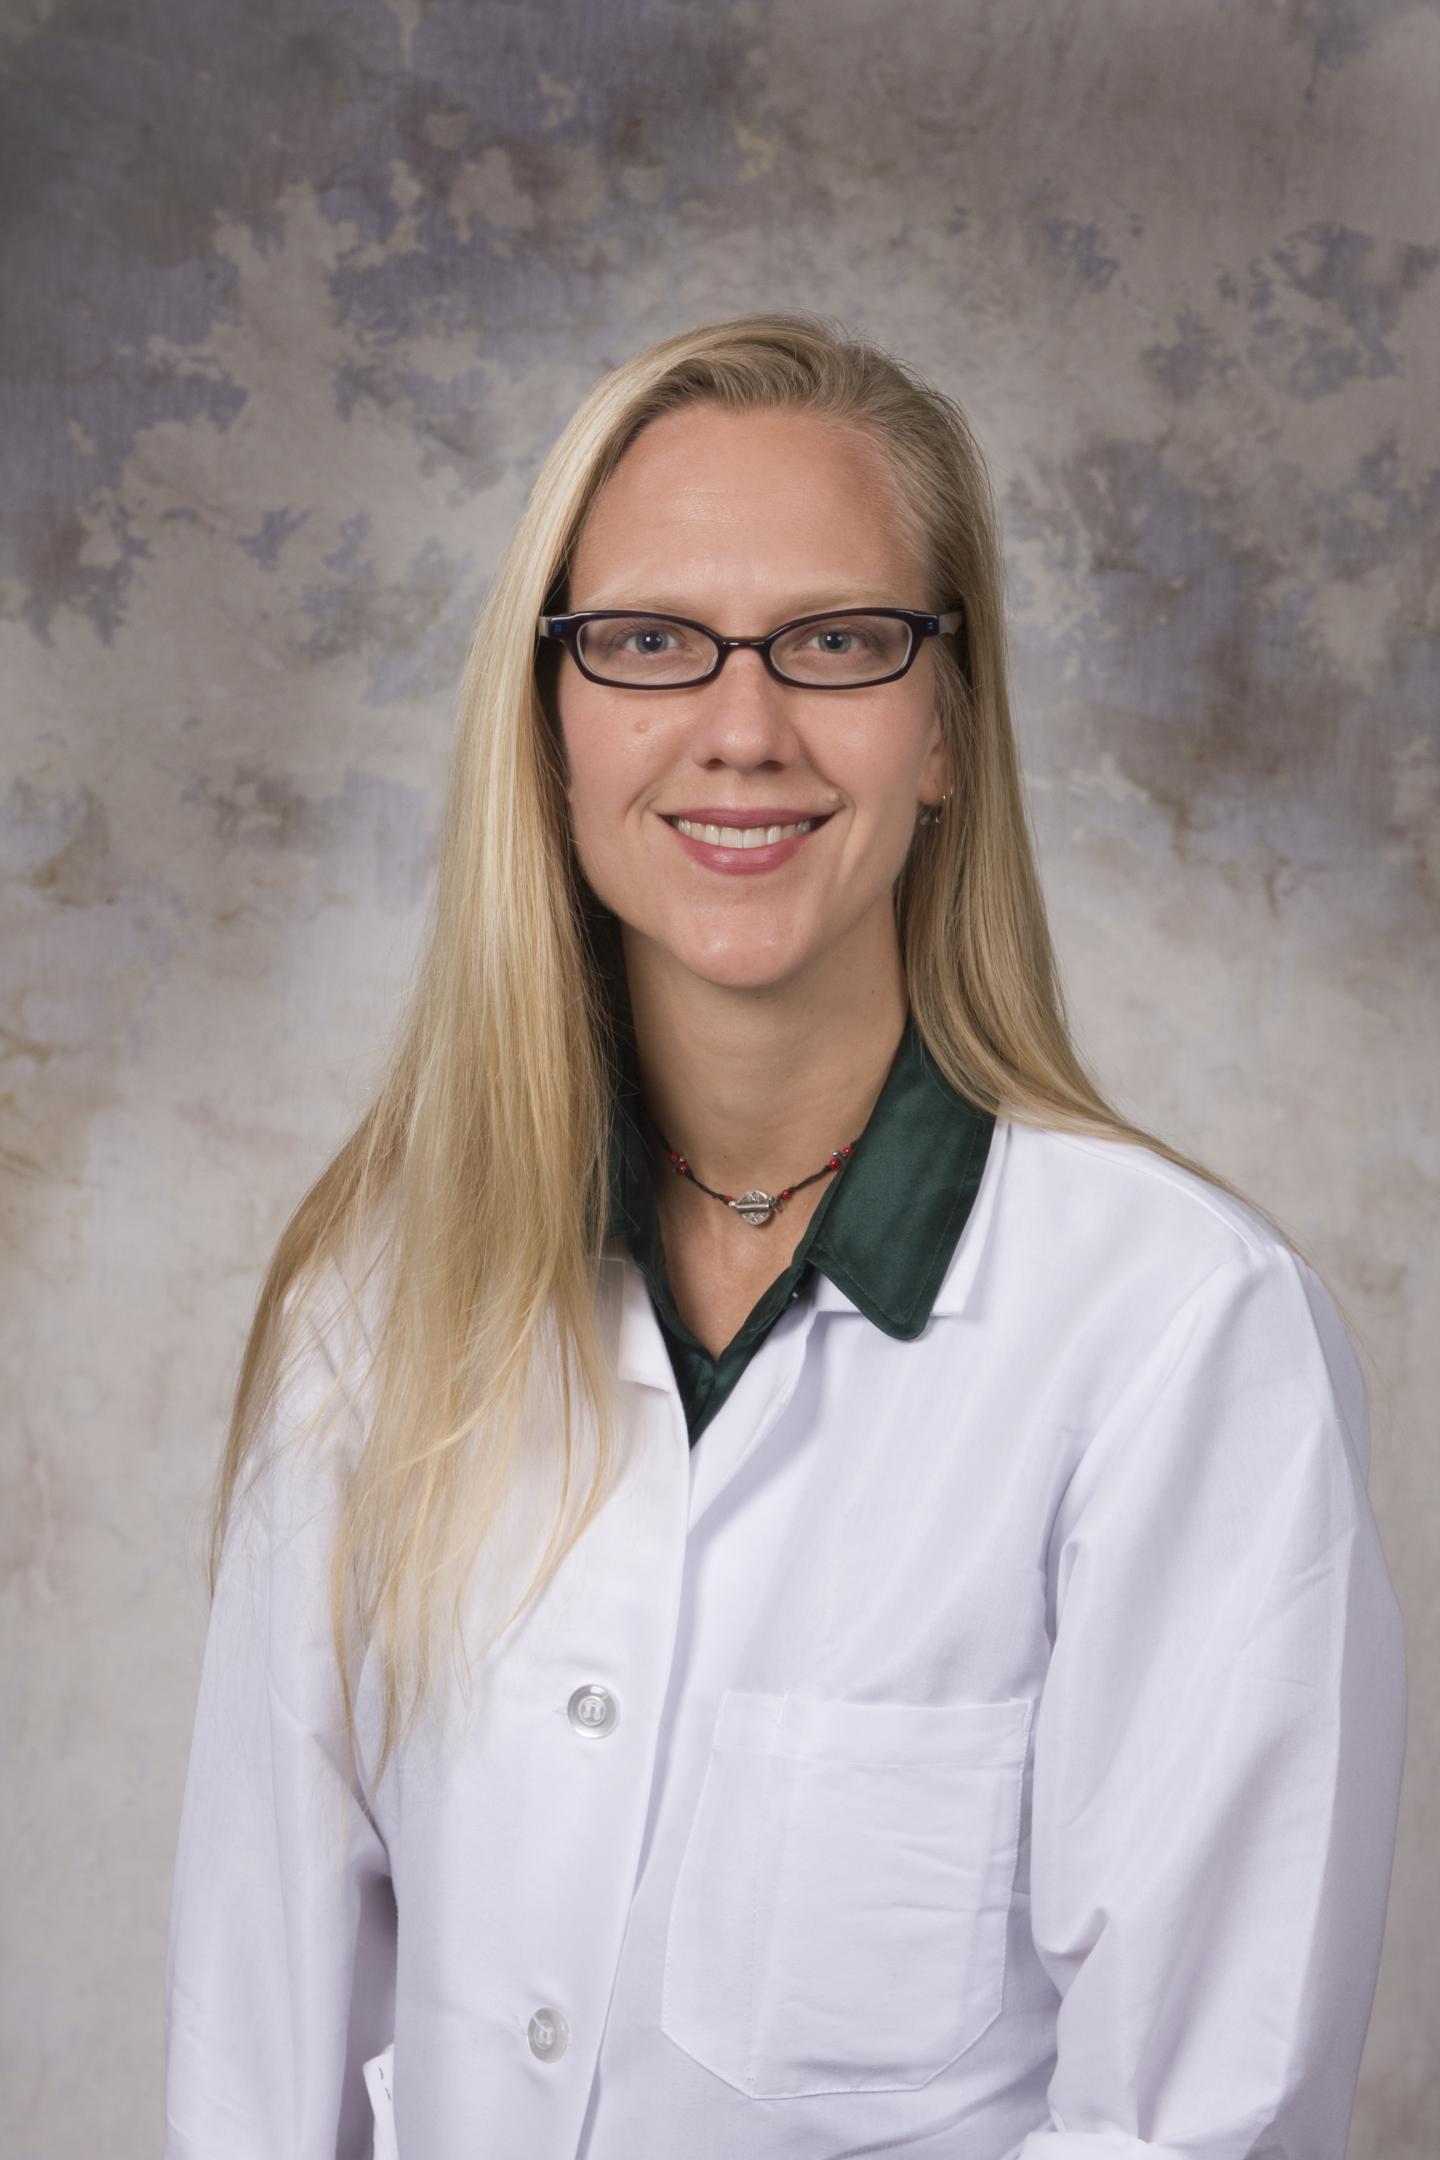 Tanya L. Zakrison, M.D.,  University of Miami Miller School of Medicine